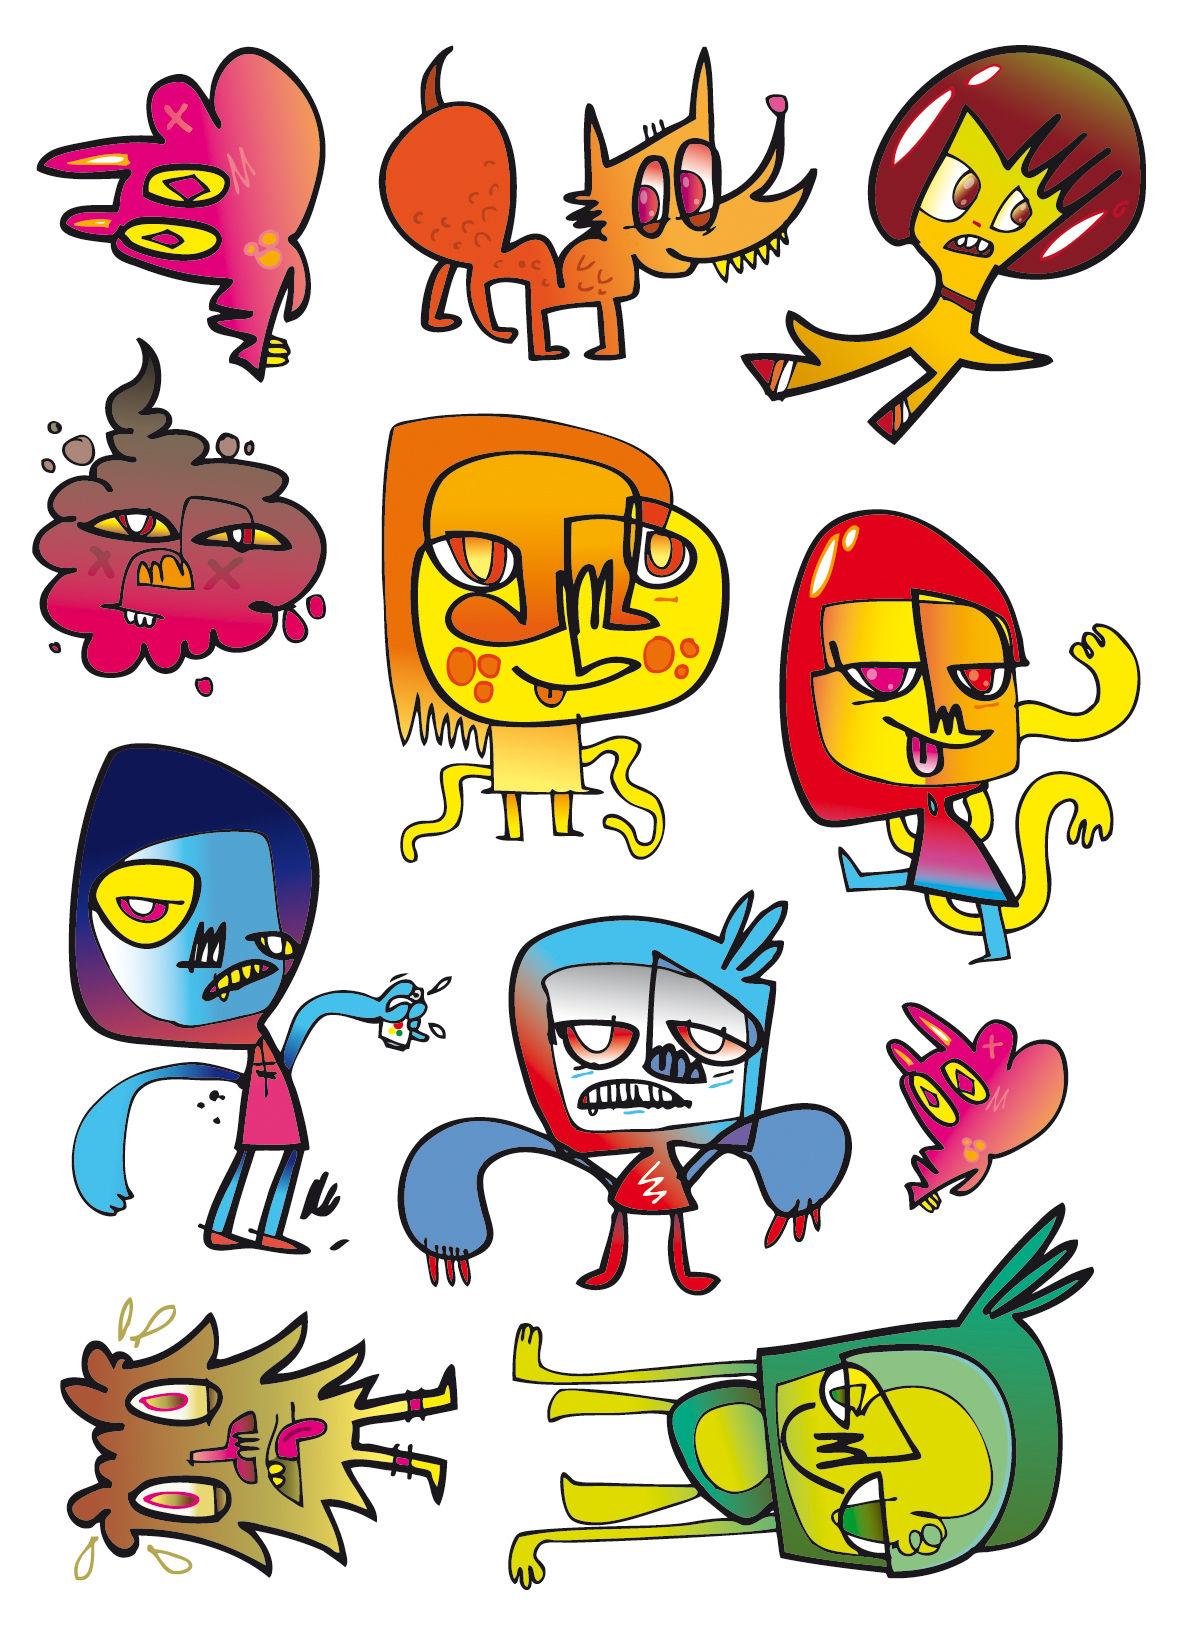 Interni - Per bambini - Sticker Adopt me - Set di 11 di Domestic - Grafismo firmato Jon Burgerman - Vinile